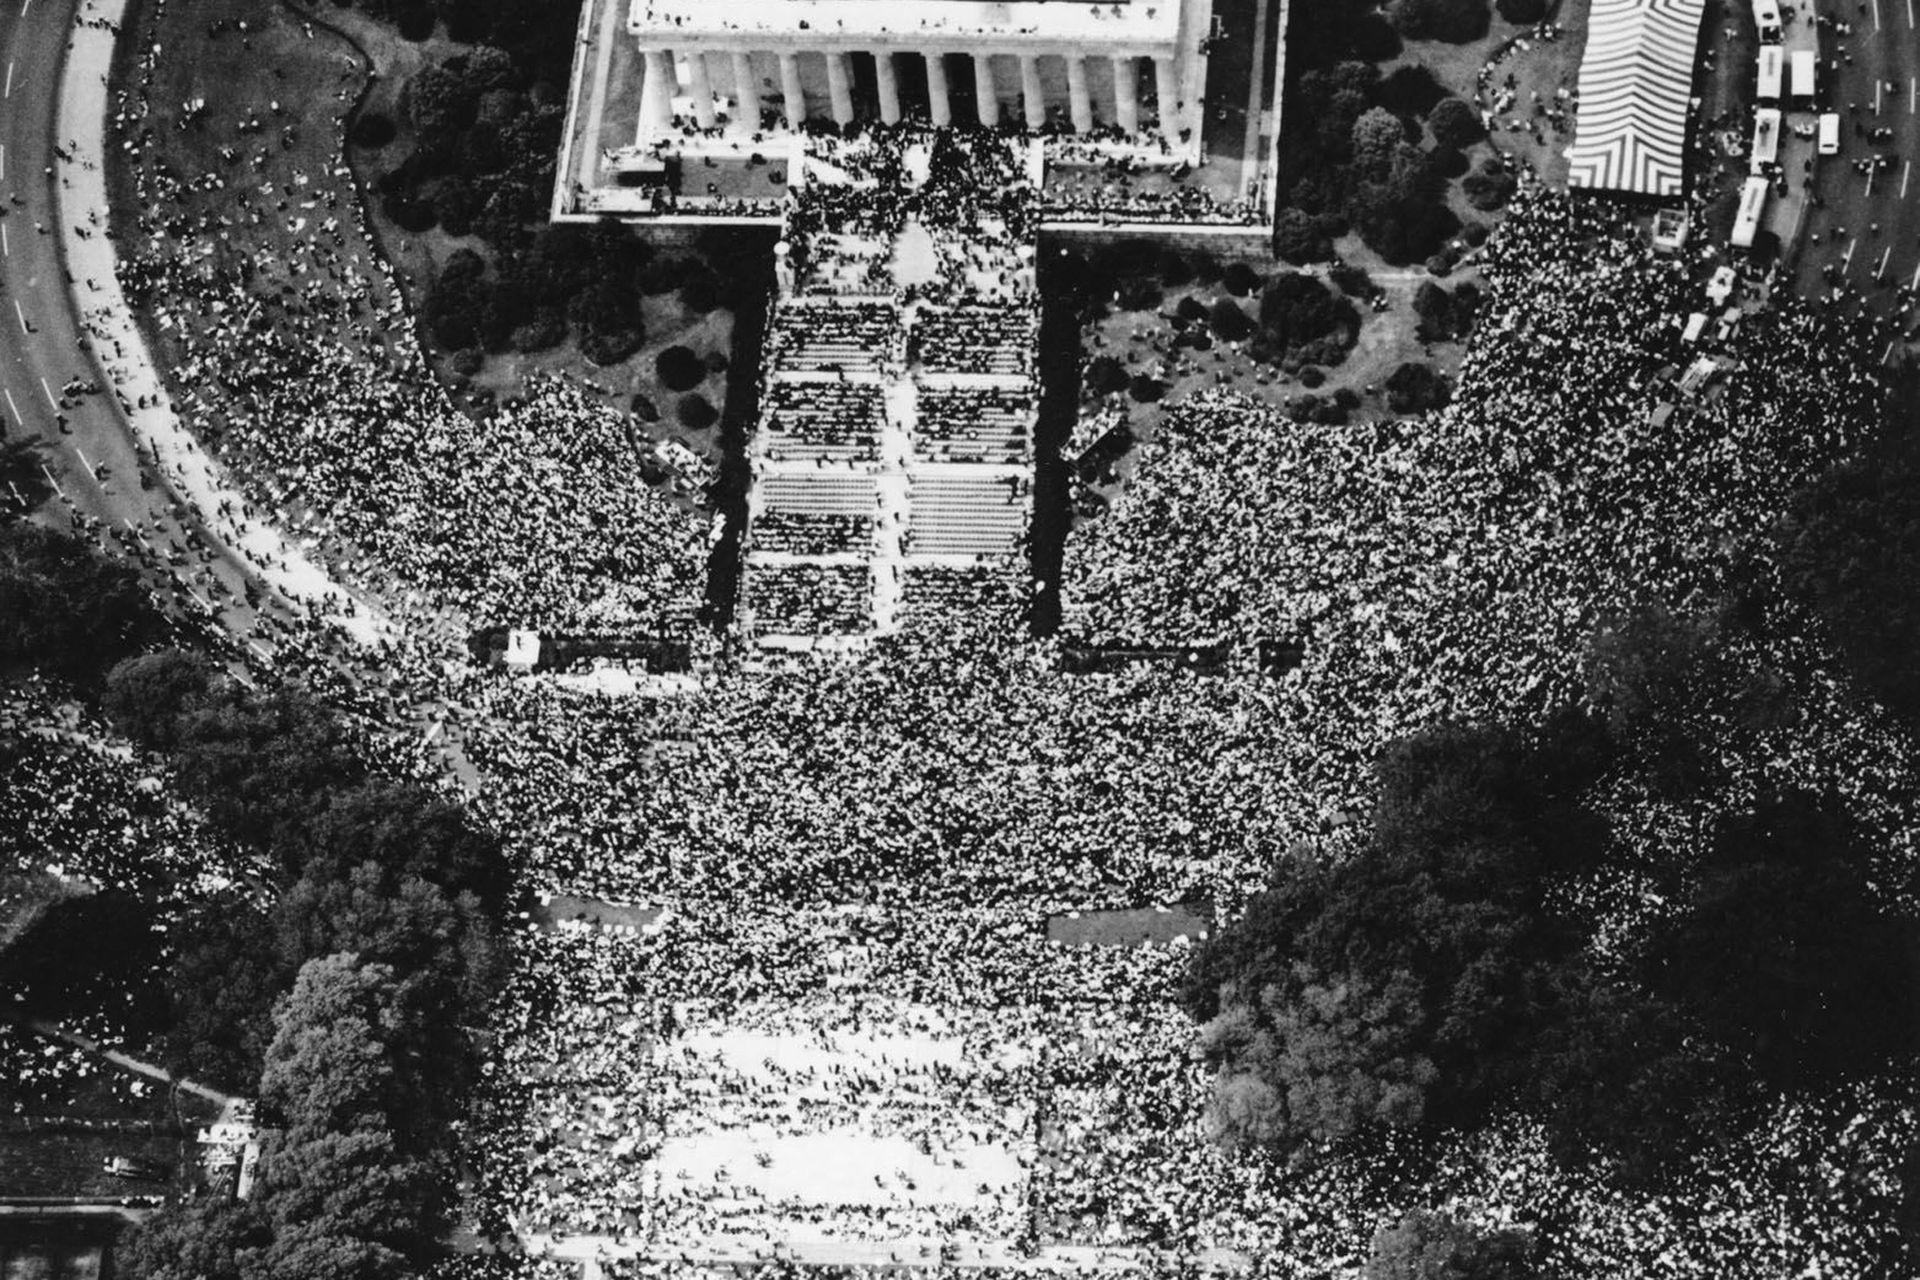 Más de 250.000 personas se acercaron al Capitolio para escuchar su histórico discruso